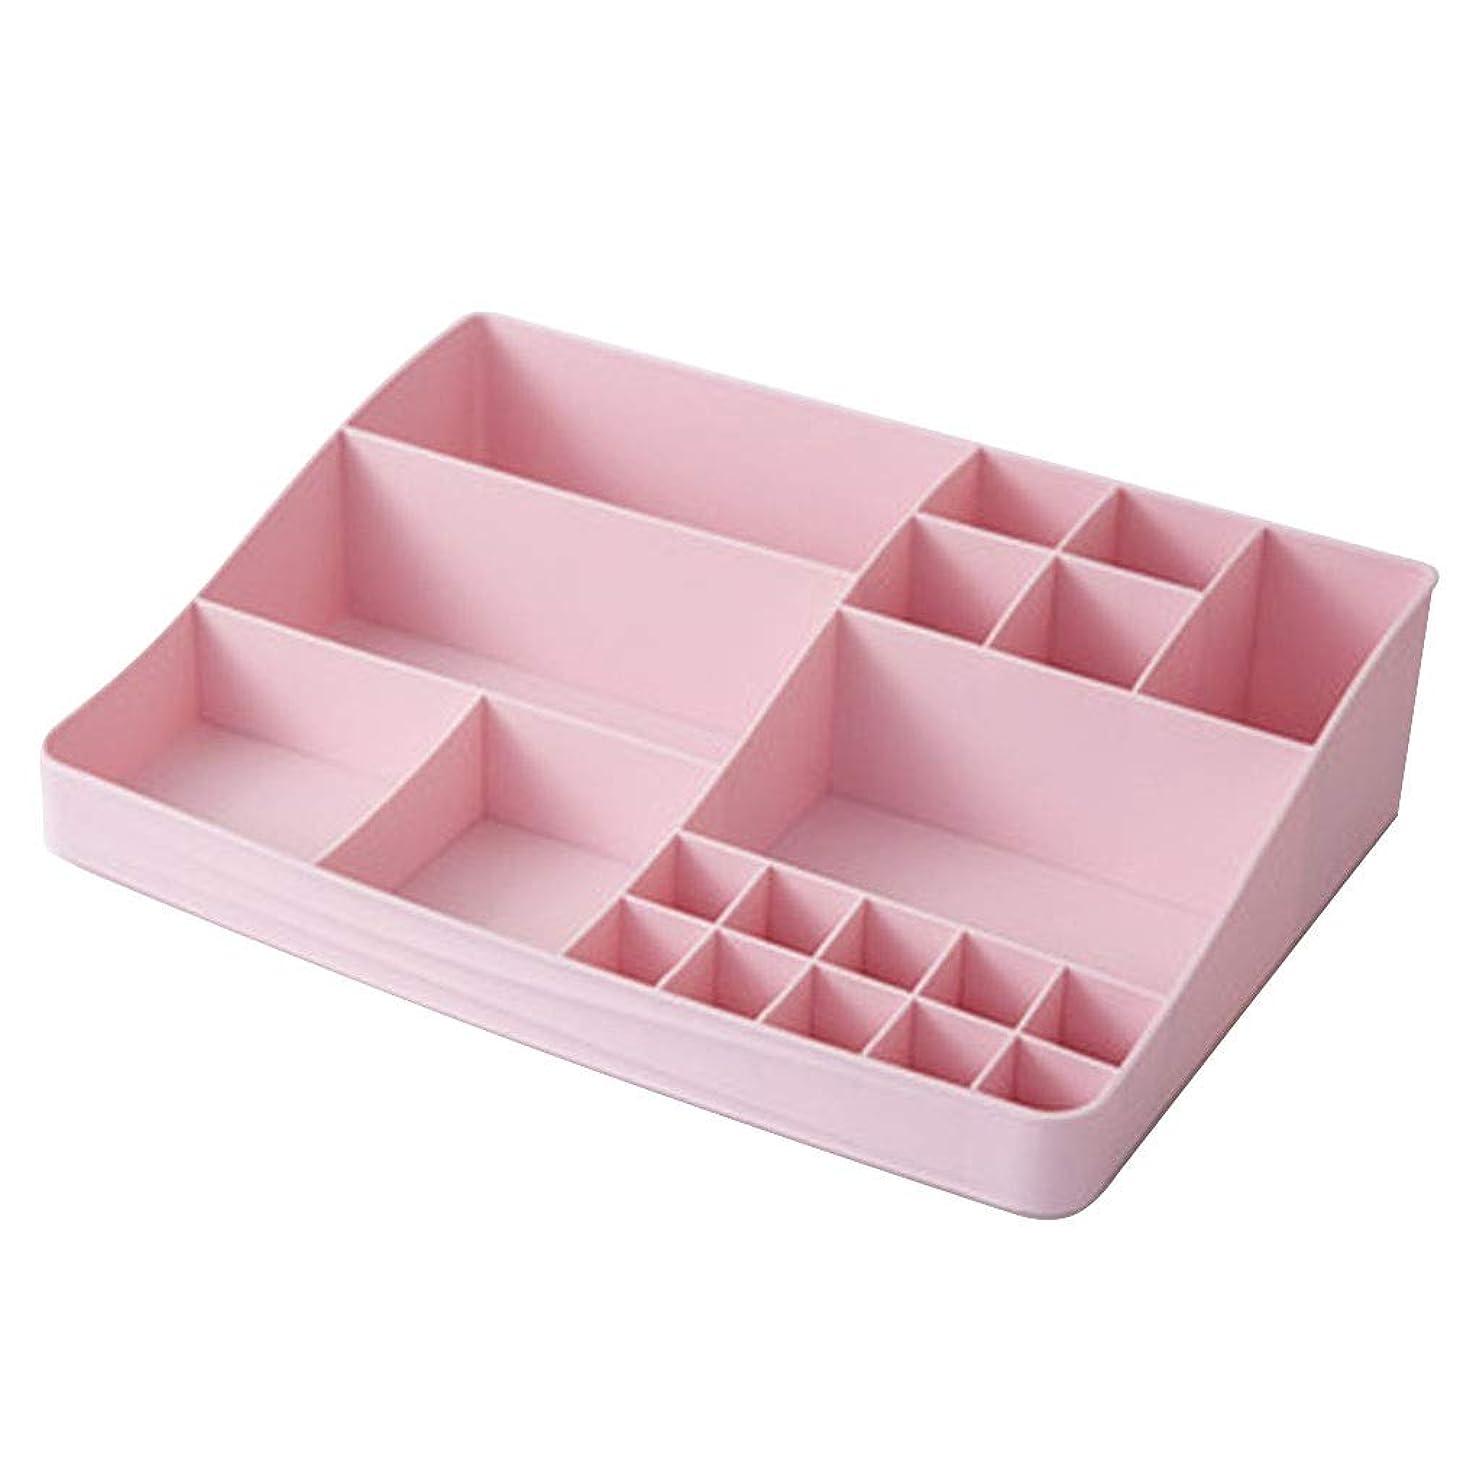 インゲン商業のベルベット化粧品収納ボックスシンプルスタイルデスクトップ仕上げボックス大容量プラスチック家庭用口紅ラック最高の贈り物用ガールフレンド (Color : PINK, Size : 33*23.5*8CM)